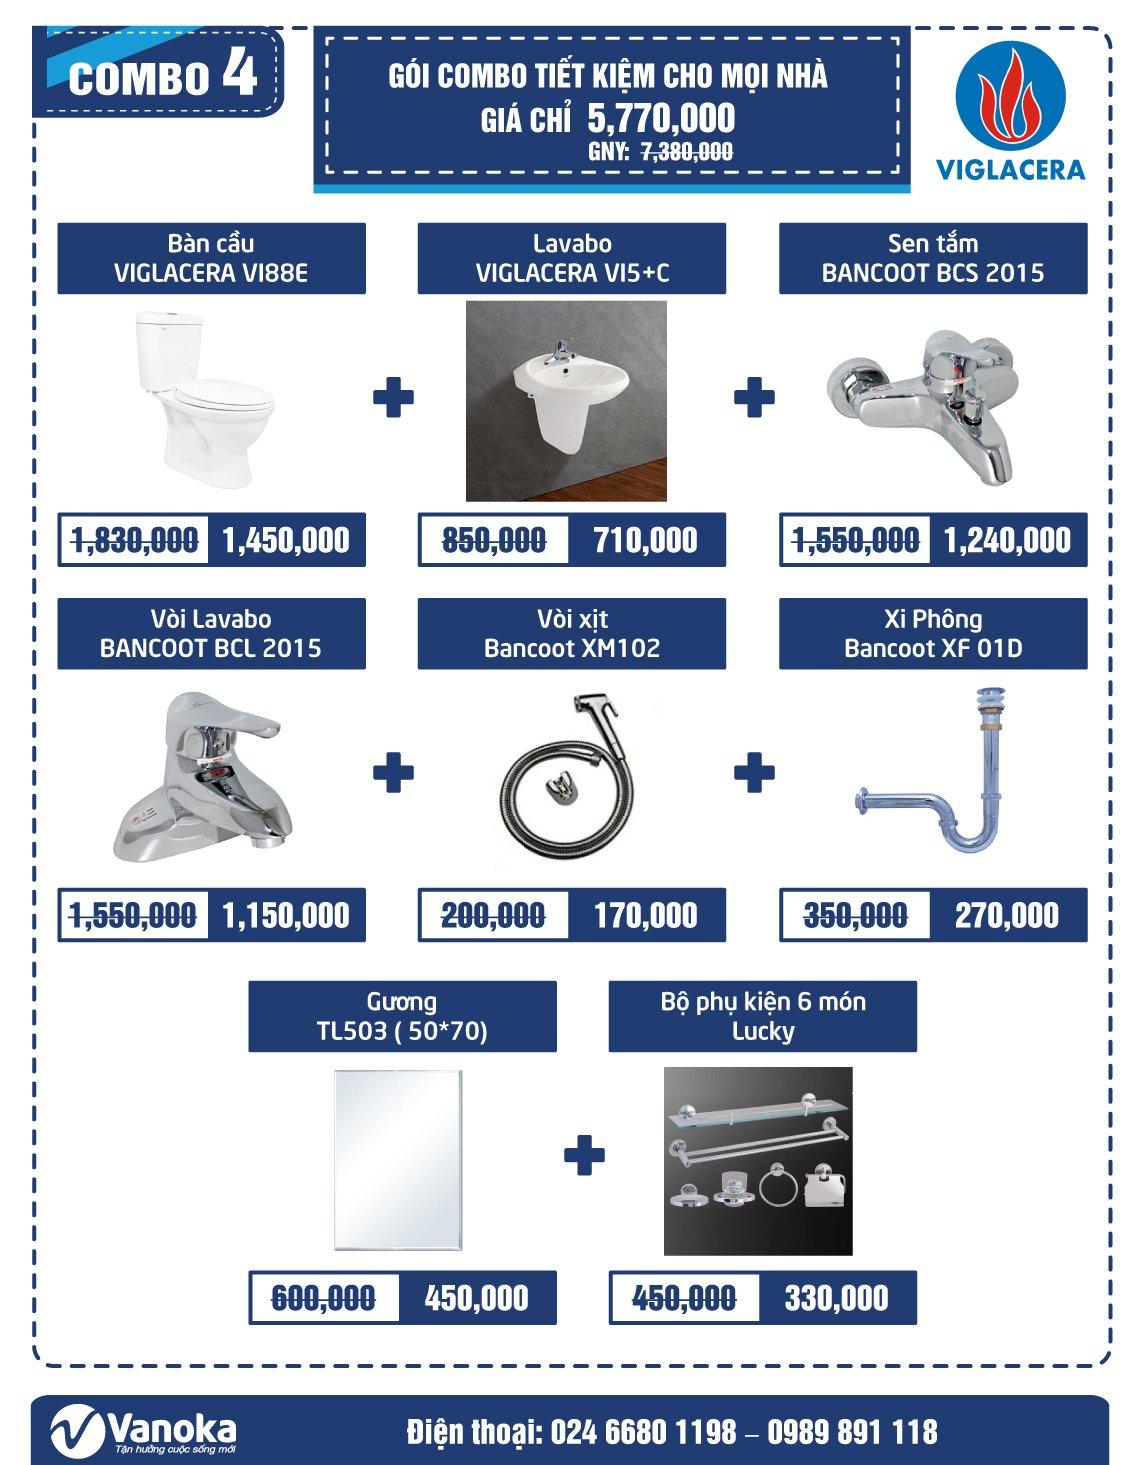 Combo Viglacera 4: Gói Combo tiết kiệm cho mọi nhà giá chỉ 5.77 triệu thumbnail